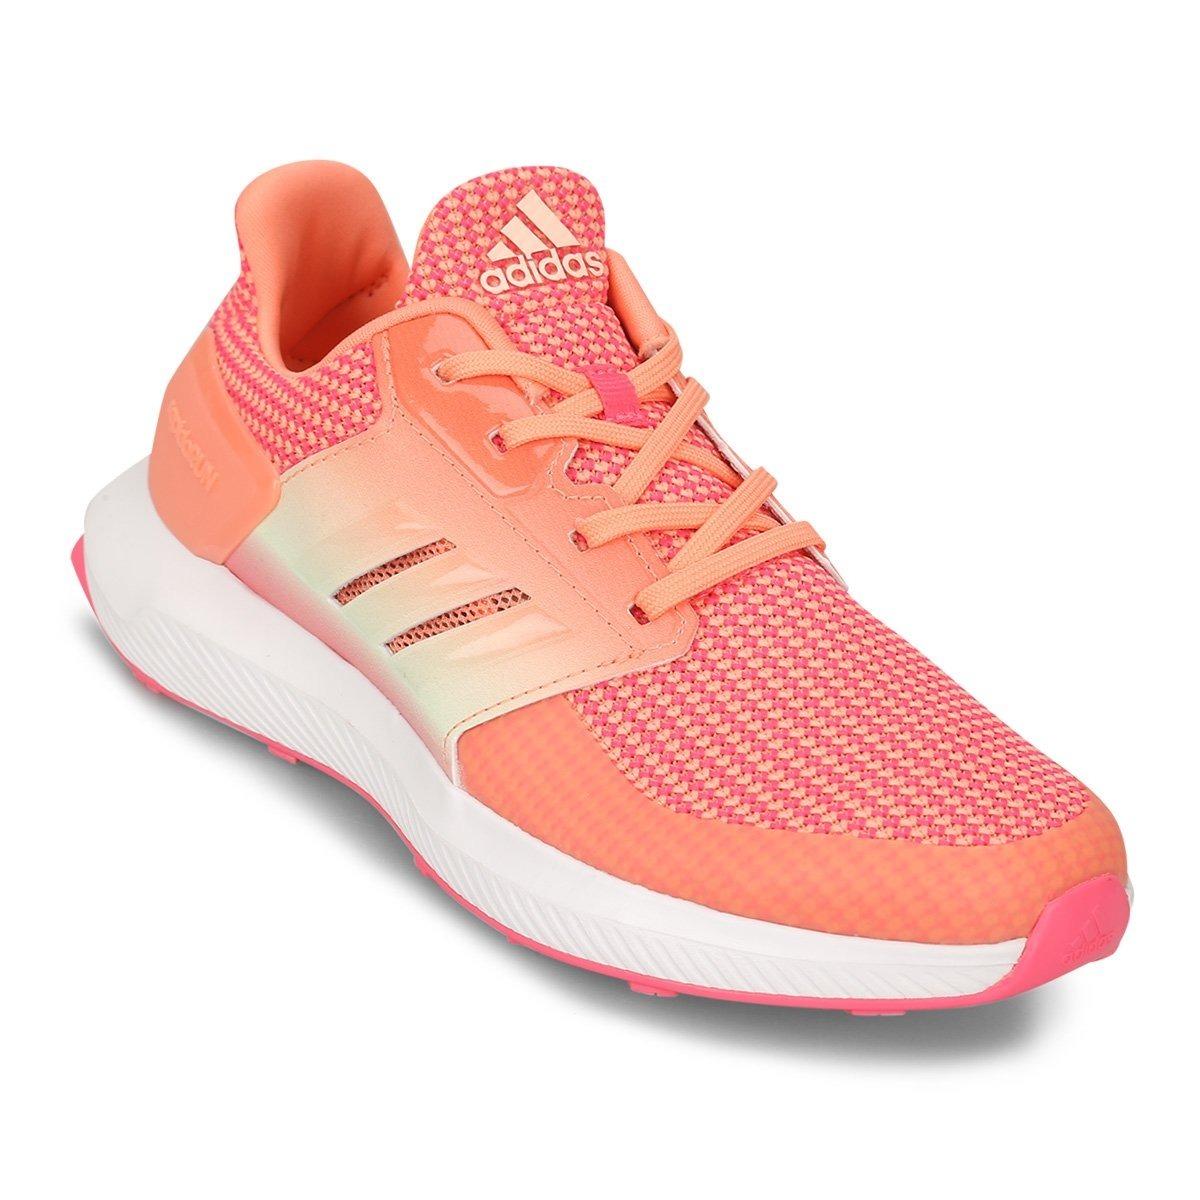 ff3c6843e zapatillas adidas niña - rapidarun - comodas - naranjas. Cargando zoom.